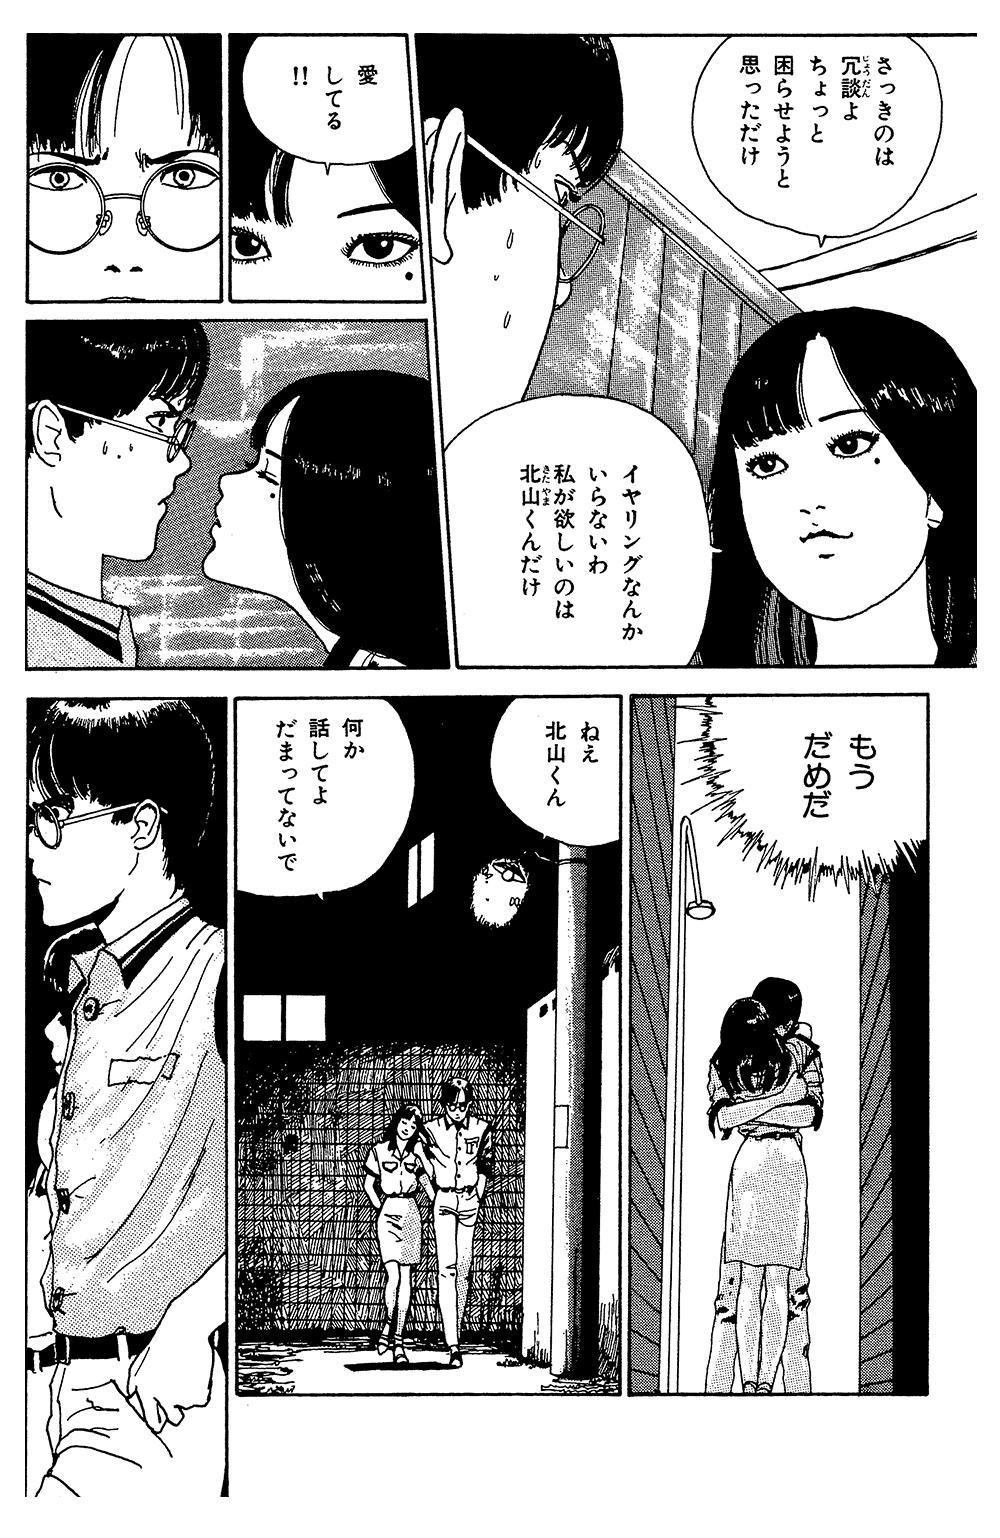 伊藤潤二傑作集 第2話「富江 森田病院編」②itojunji05-06.jpg